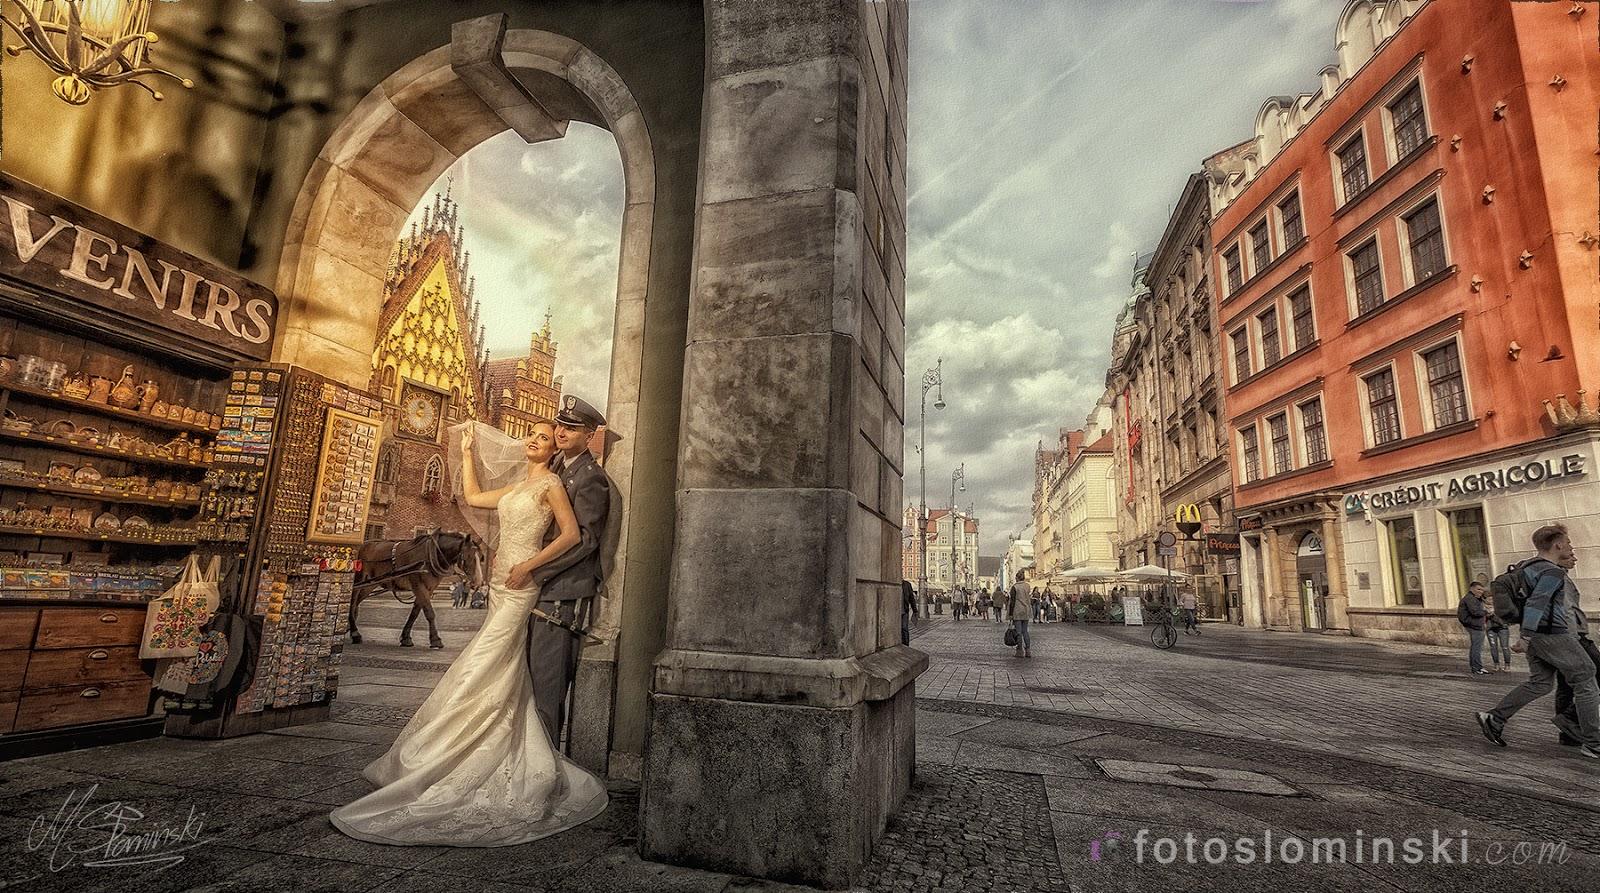 We #wroclawiu sesje robiłem już wiele razy, ale takiego zdjęcia jeszcze nie mam :) #zdjęciaSłomińskiego Jak Wam się podoba taki Wrocław ?